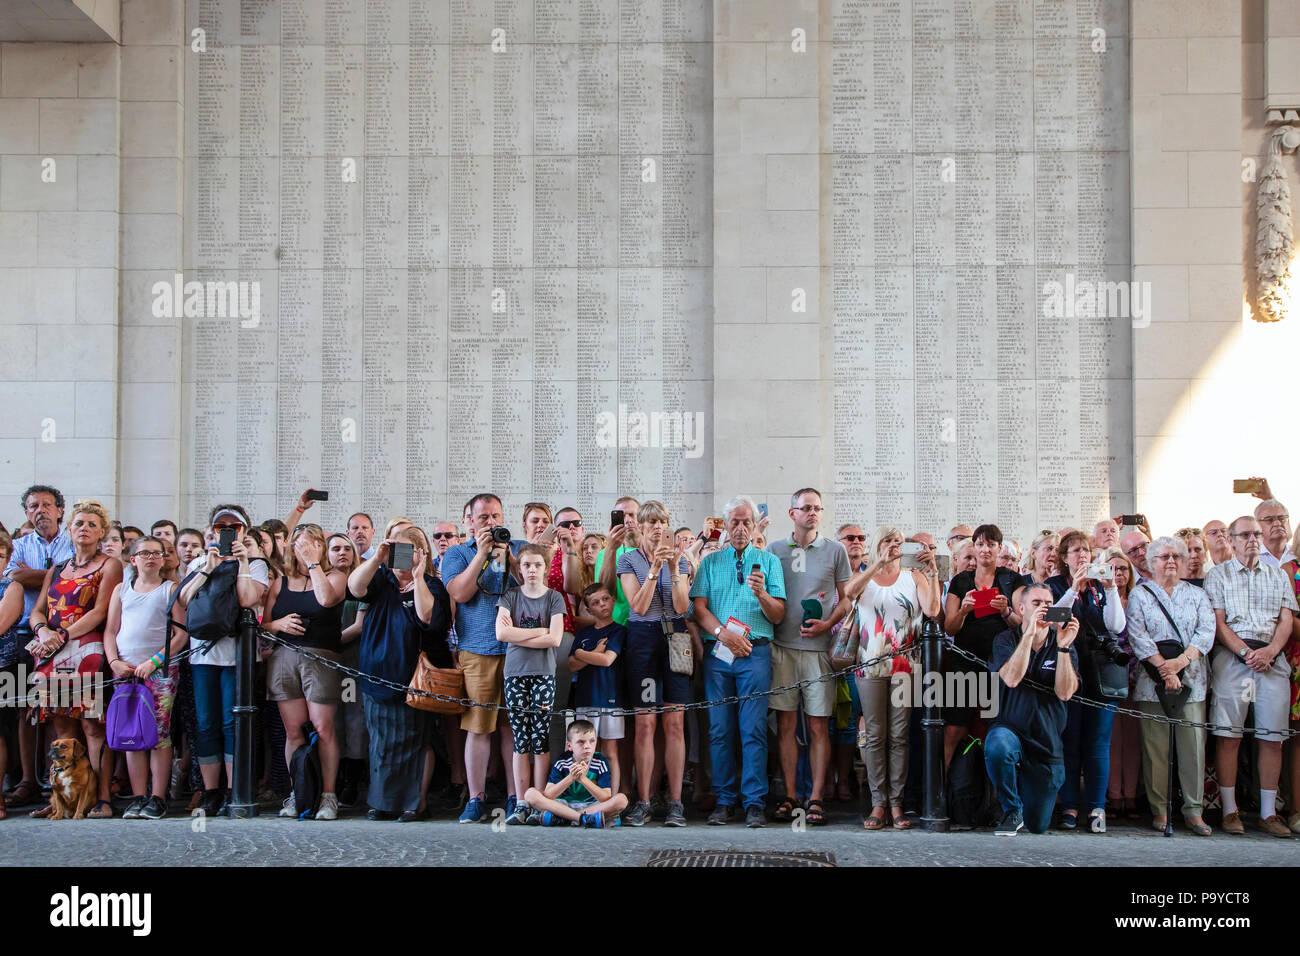 Die Öffentlichkeit, in der Teilnahme an der nächtlichen Erinnerungsservice der Erinnerung am Menentor, Ypern, Belgien Stockbild